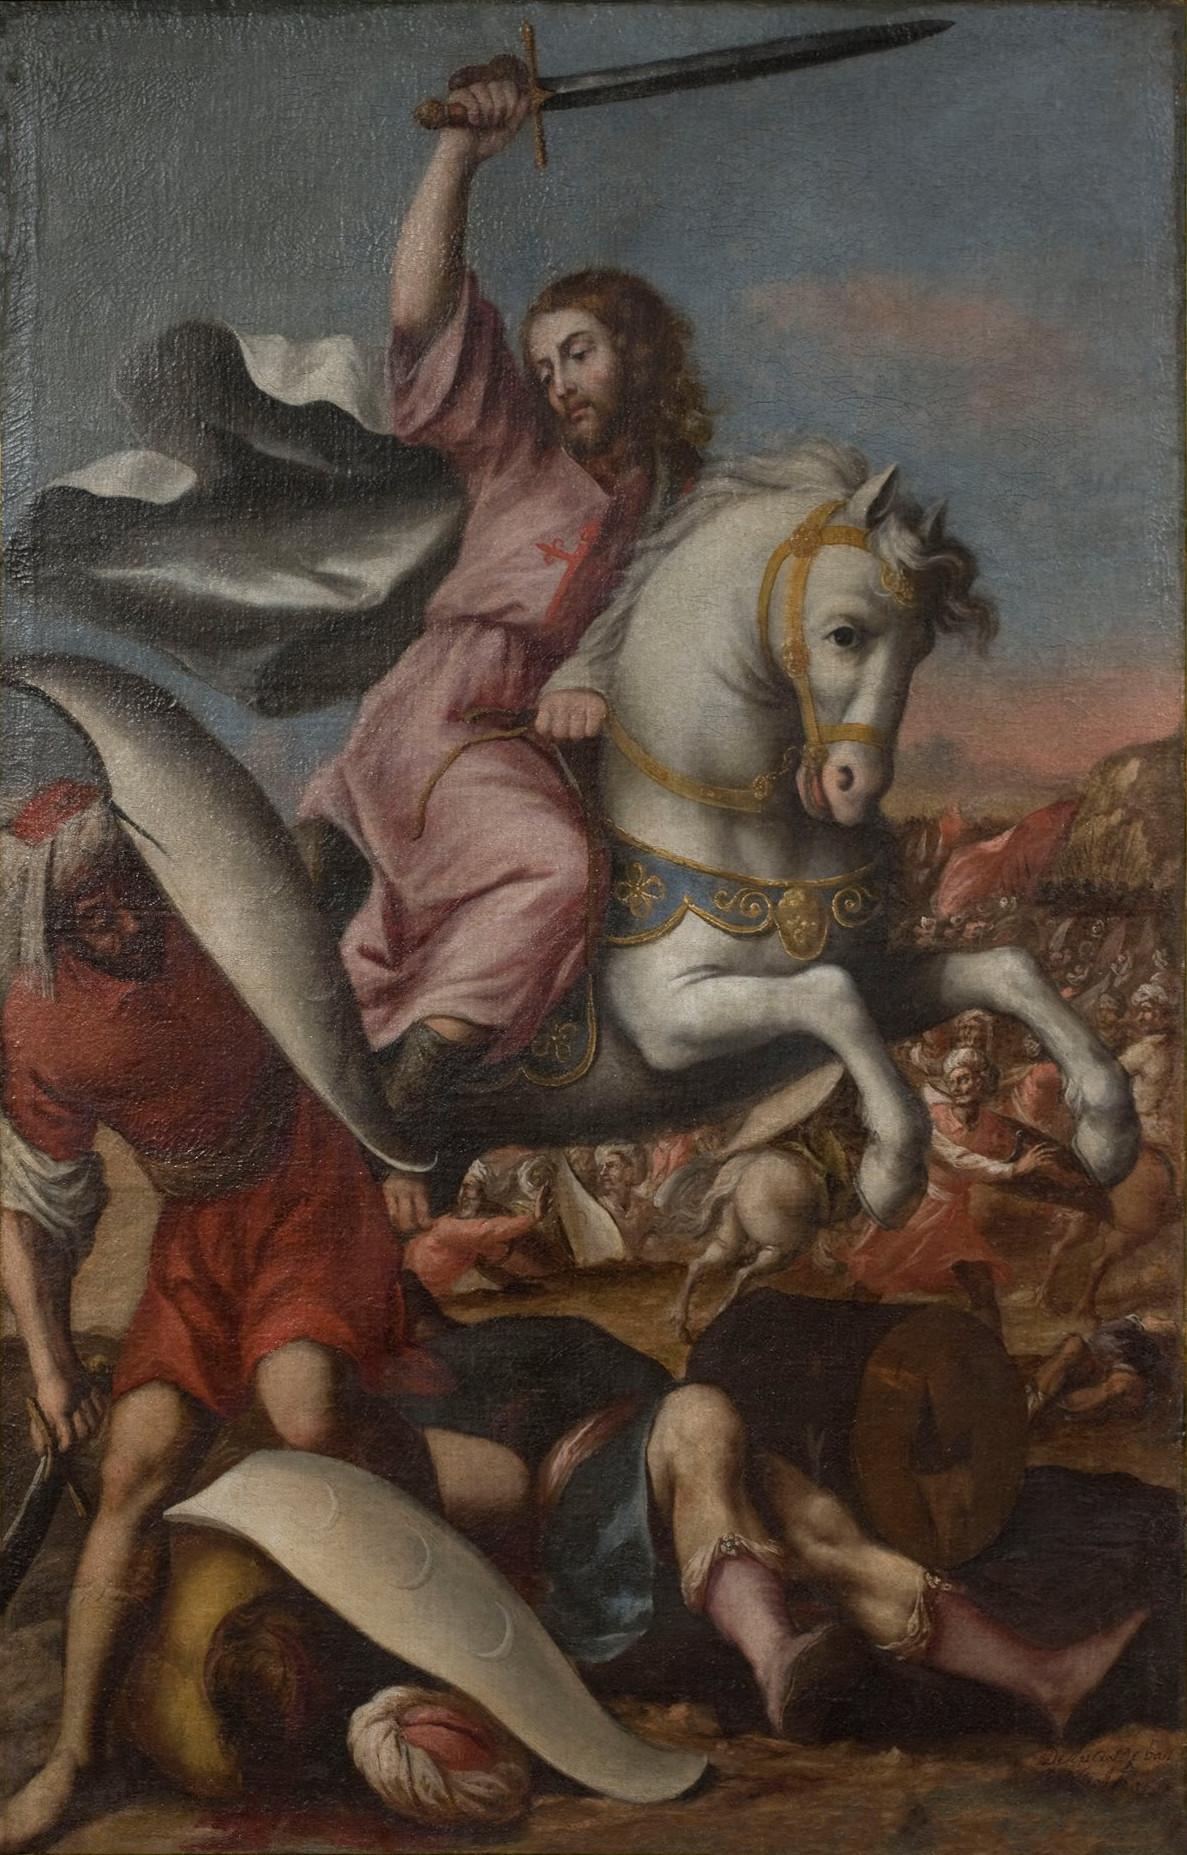 Apostle Santiago fighting the moors, 1690, Lucas de Valdés, Córdoba, Spain